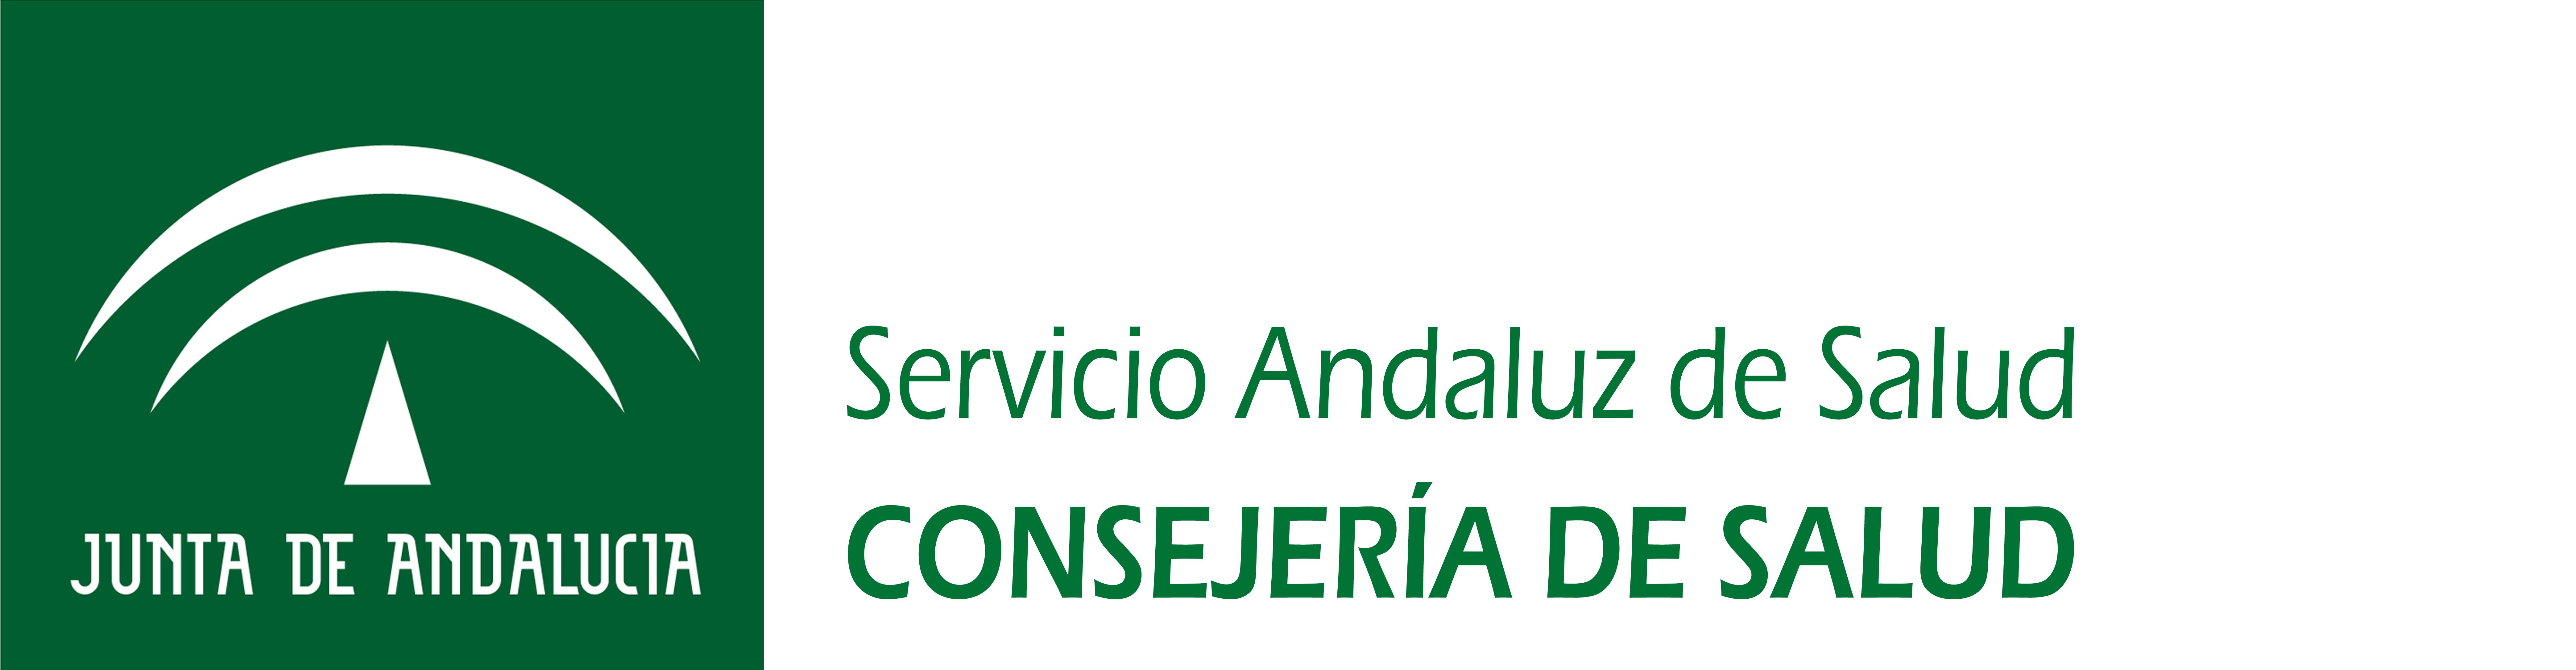 Oposiciones servicio andaluz de salud sas aprobada la for Oficina junta de andalucia